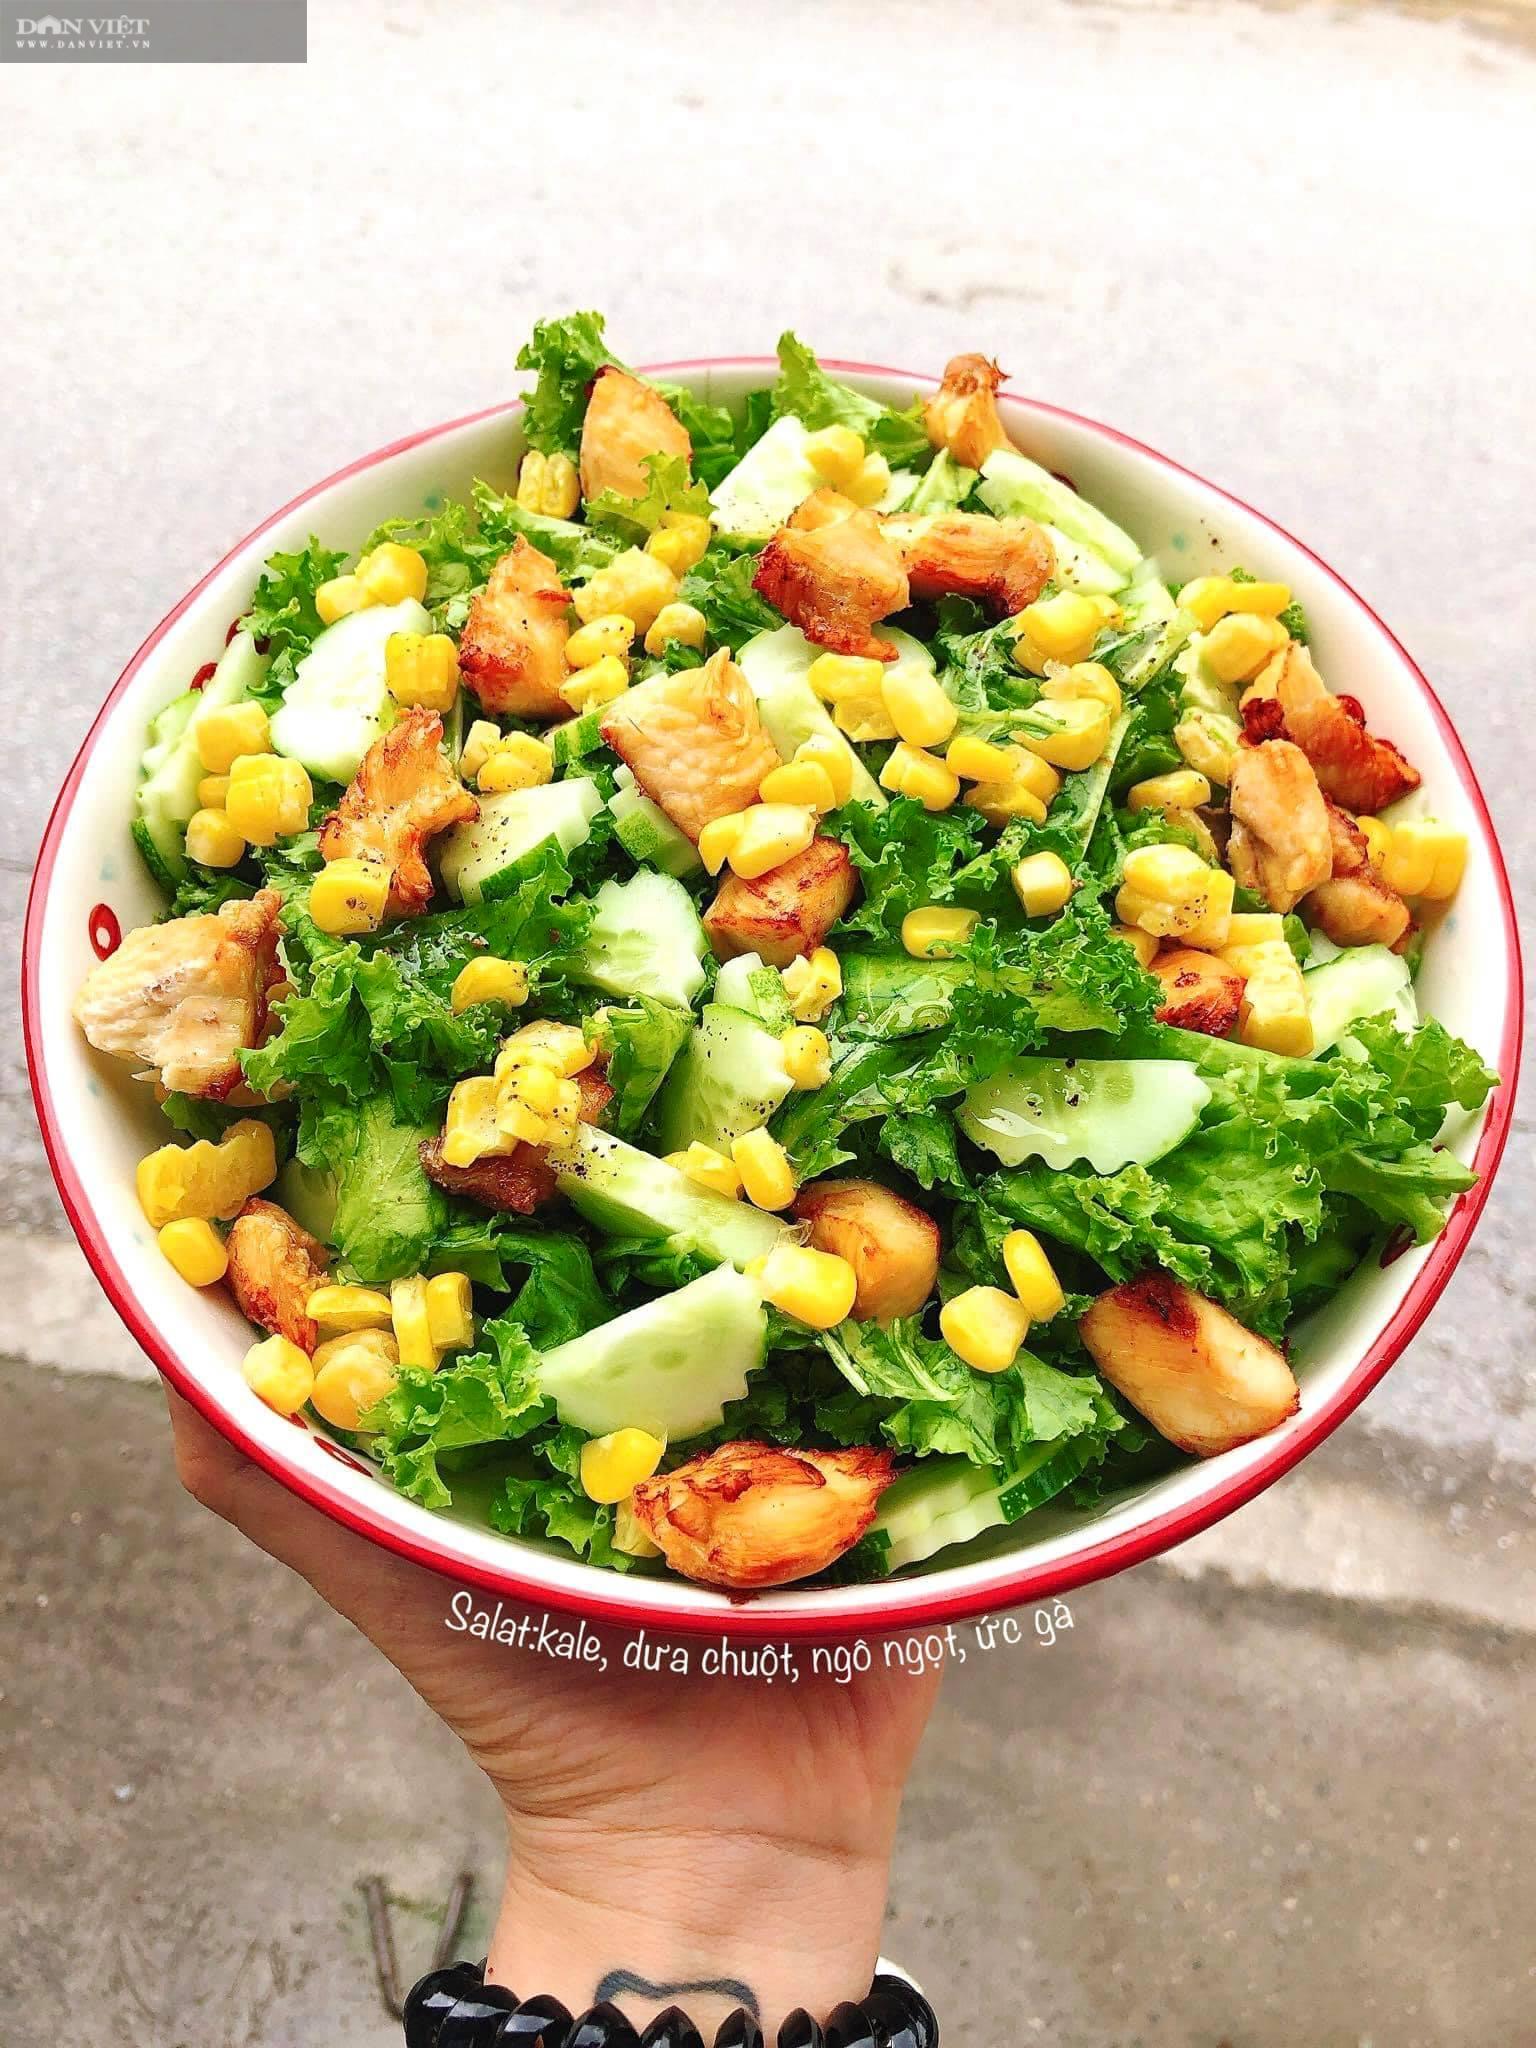 Gợi ý 11 món salad đẹp da, đẹp dáng cho chị em - Ảnh 10.